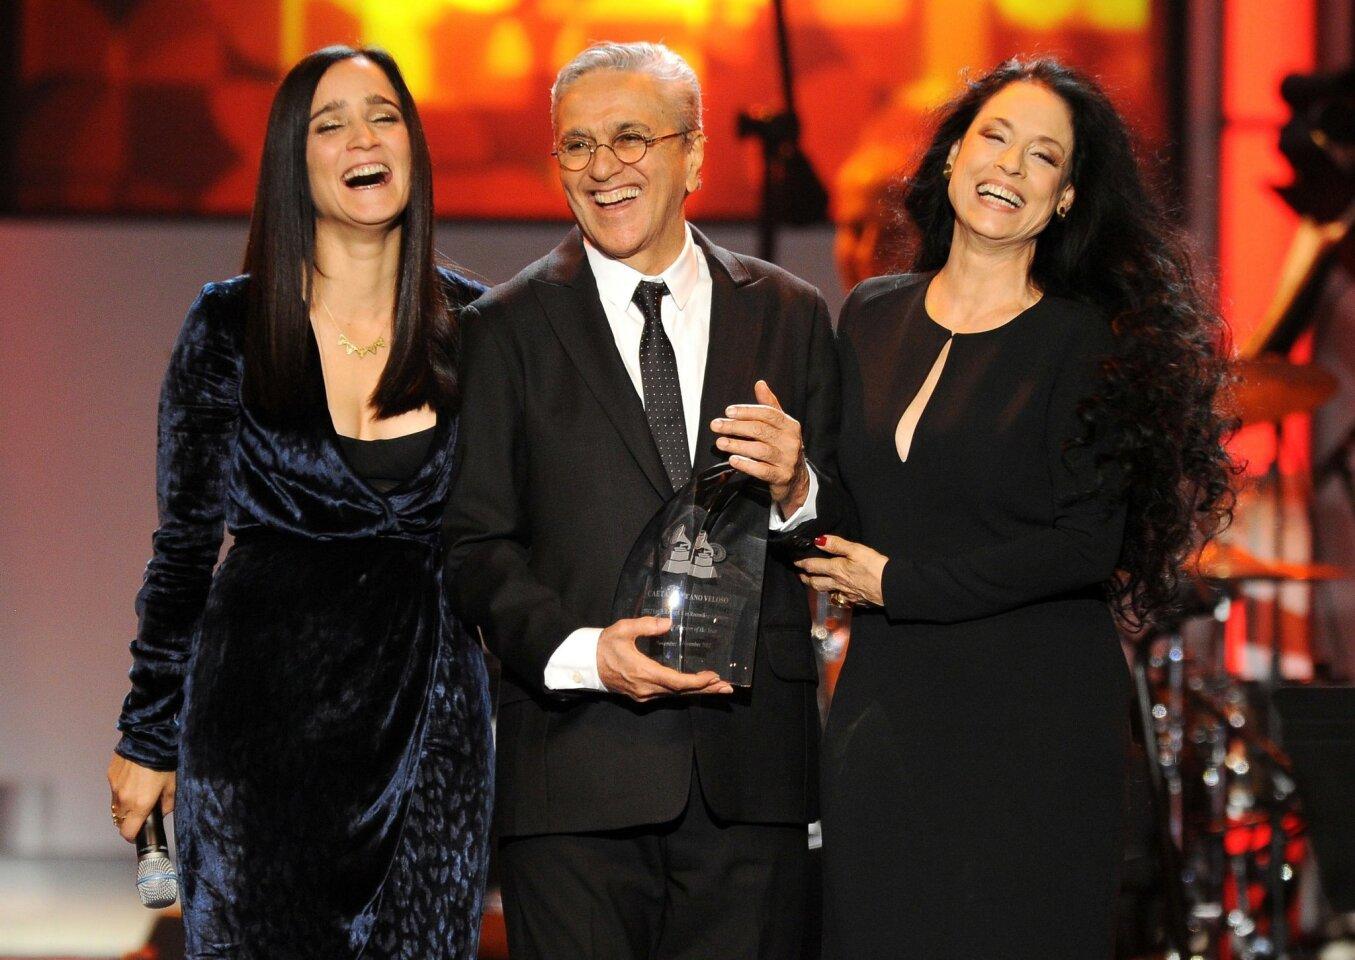 Homenaje a Caetano Veloso como Persona del Año